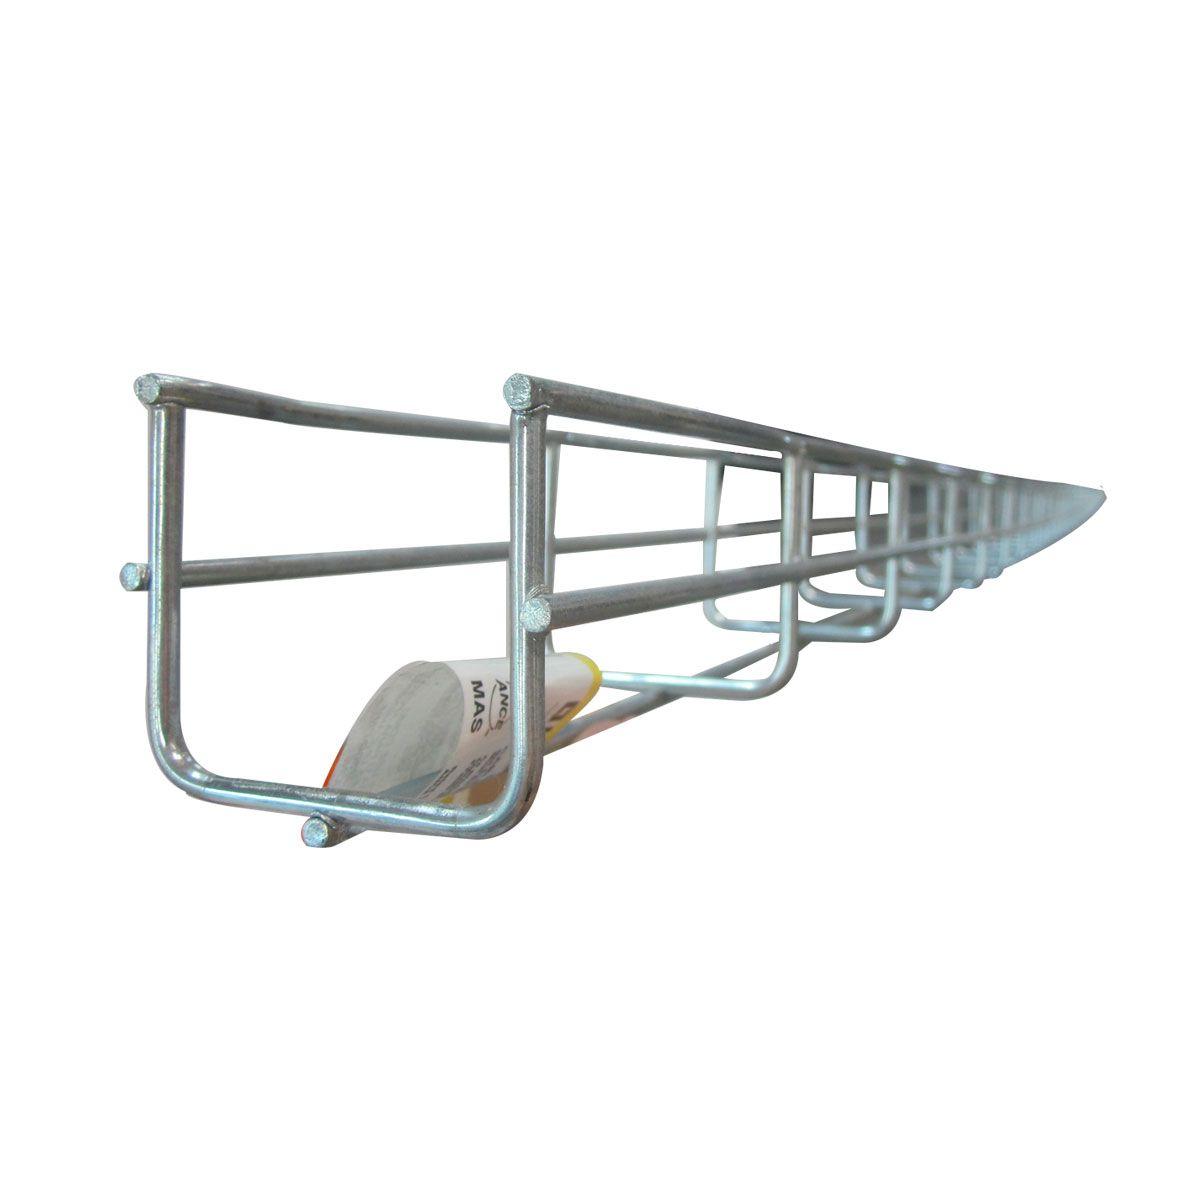 Bandeja porta cable tipo escalerilla 0.05 m x 3 m BTE005